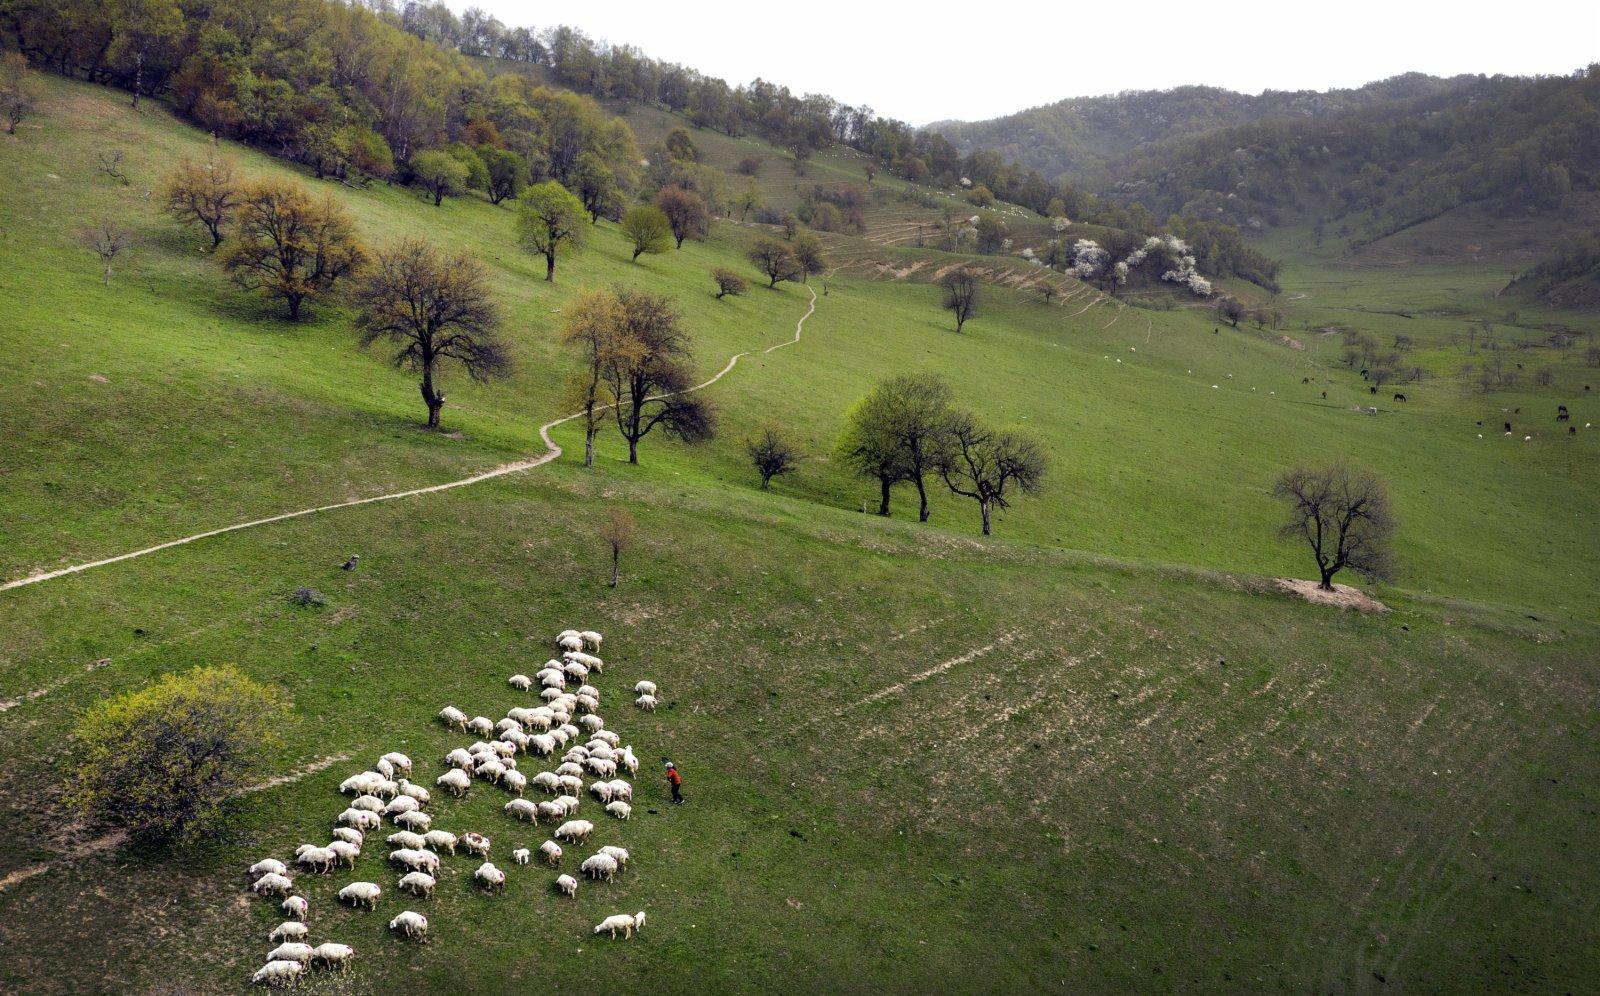 5月4日拍攝的隴縣關山草原旅遊風景區一角(無人機照片)。(新華社)